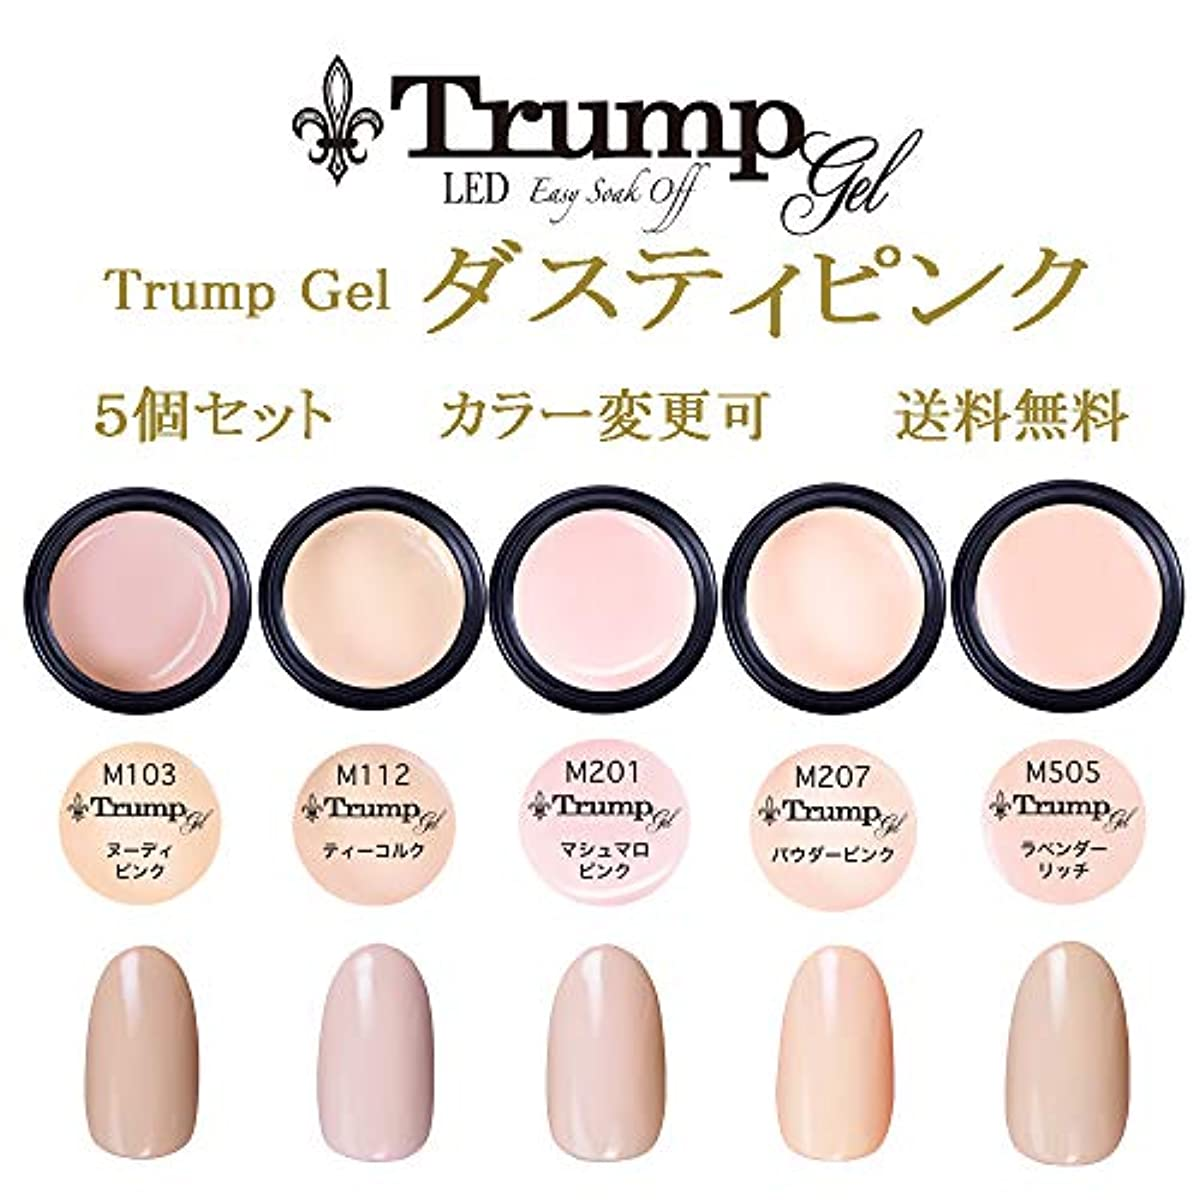 ブラウザ悲惨な部門【送料無料】Trumpダスティピンクカラー選べる カラージェル5個セット